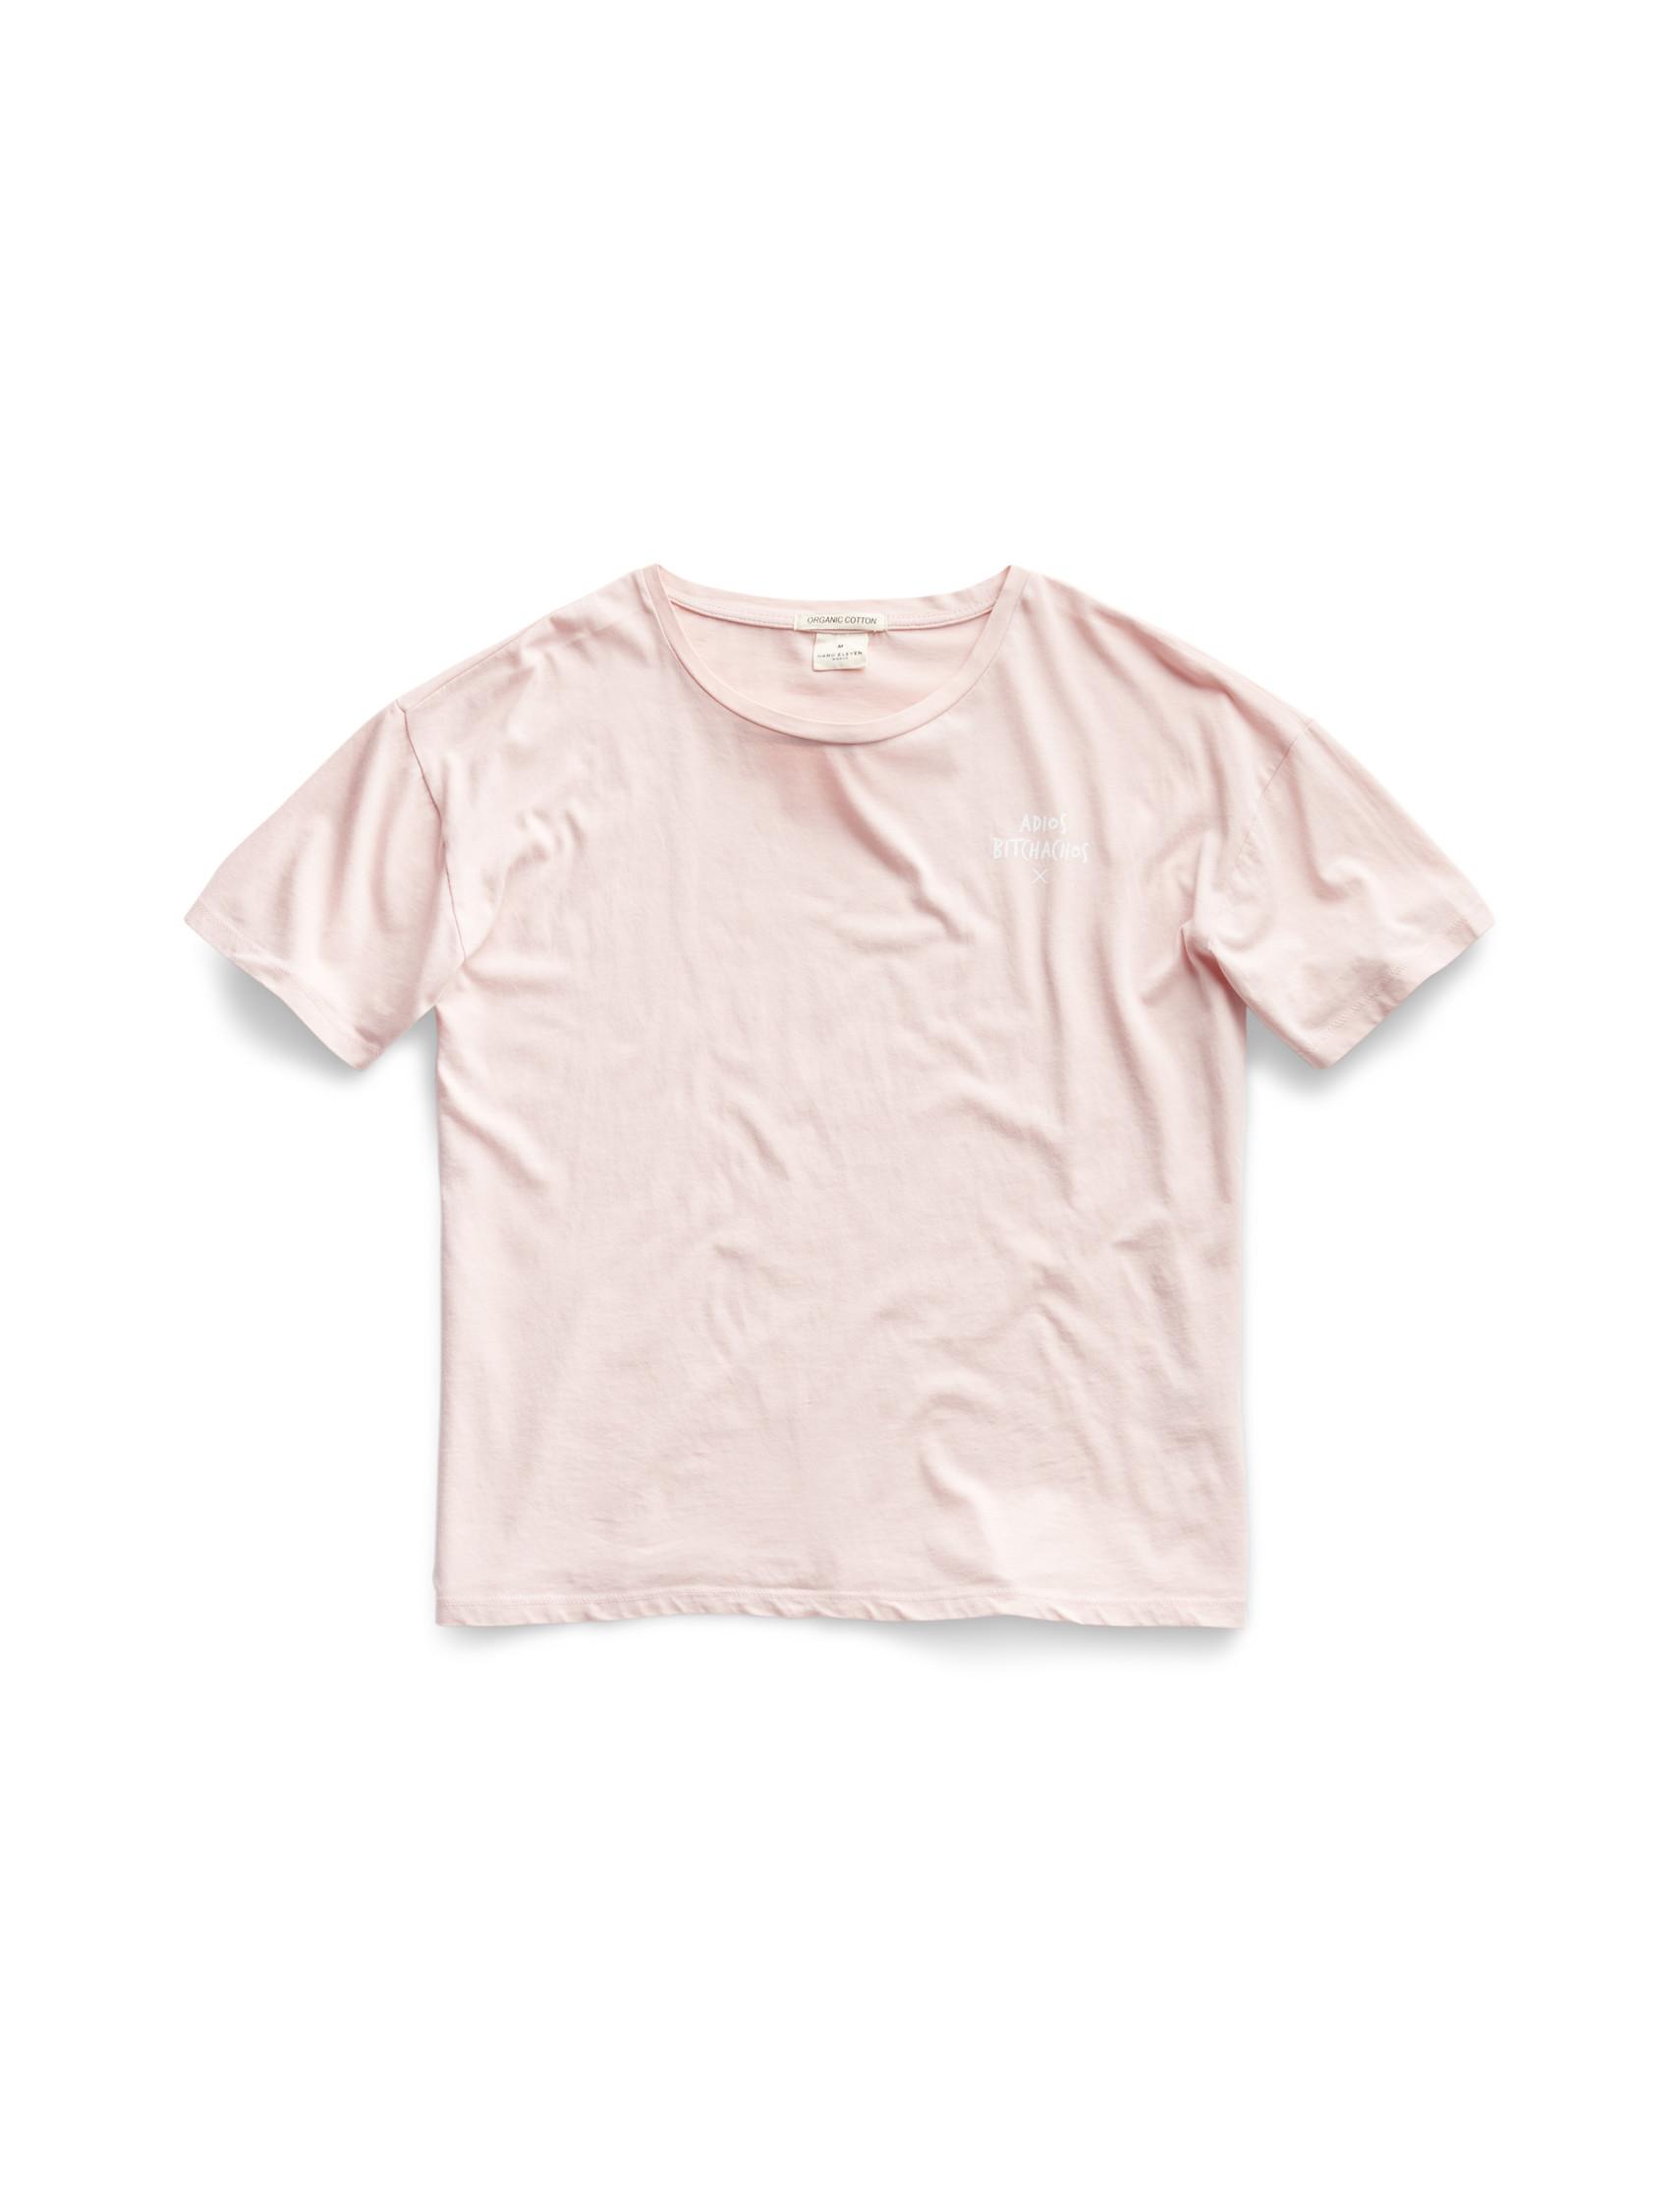 Adios Tee - Pink